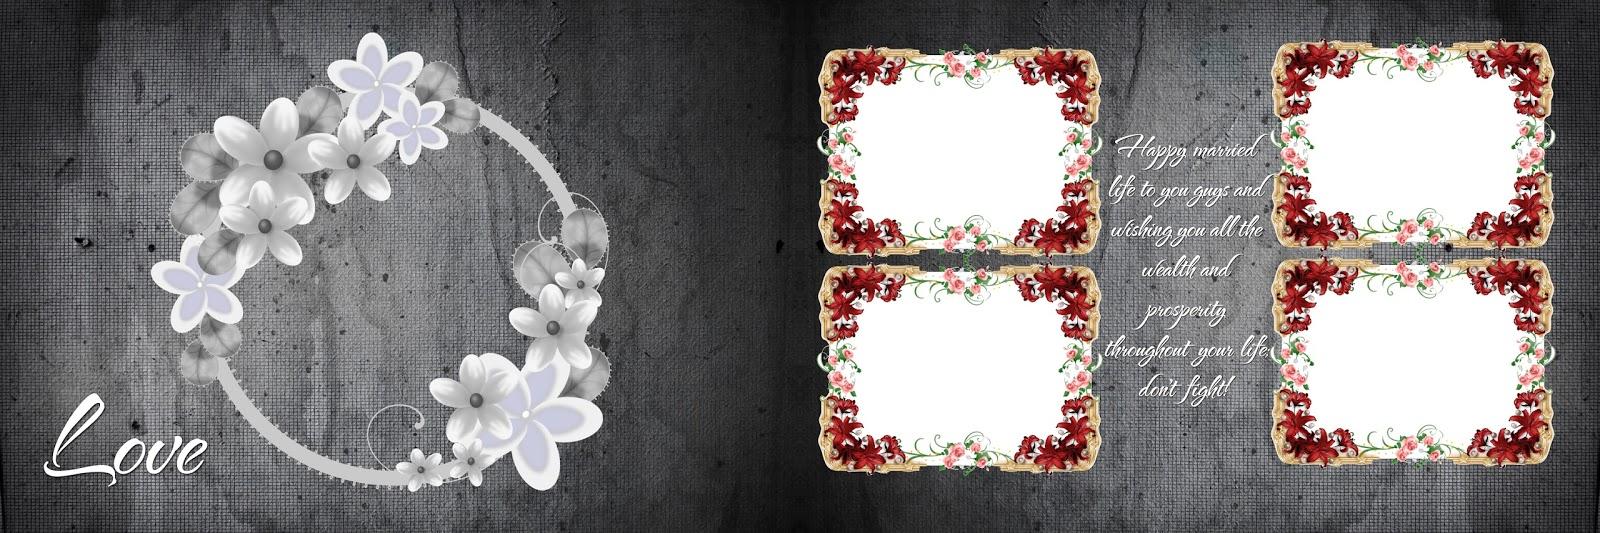 Psd12 2013 Wedding Album Design 12x36 Psd Files | PSD Source